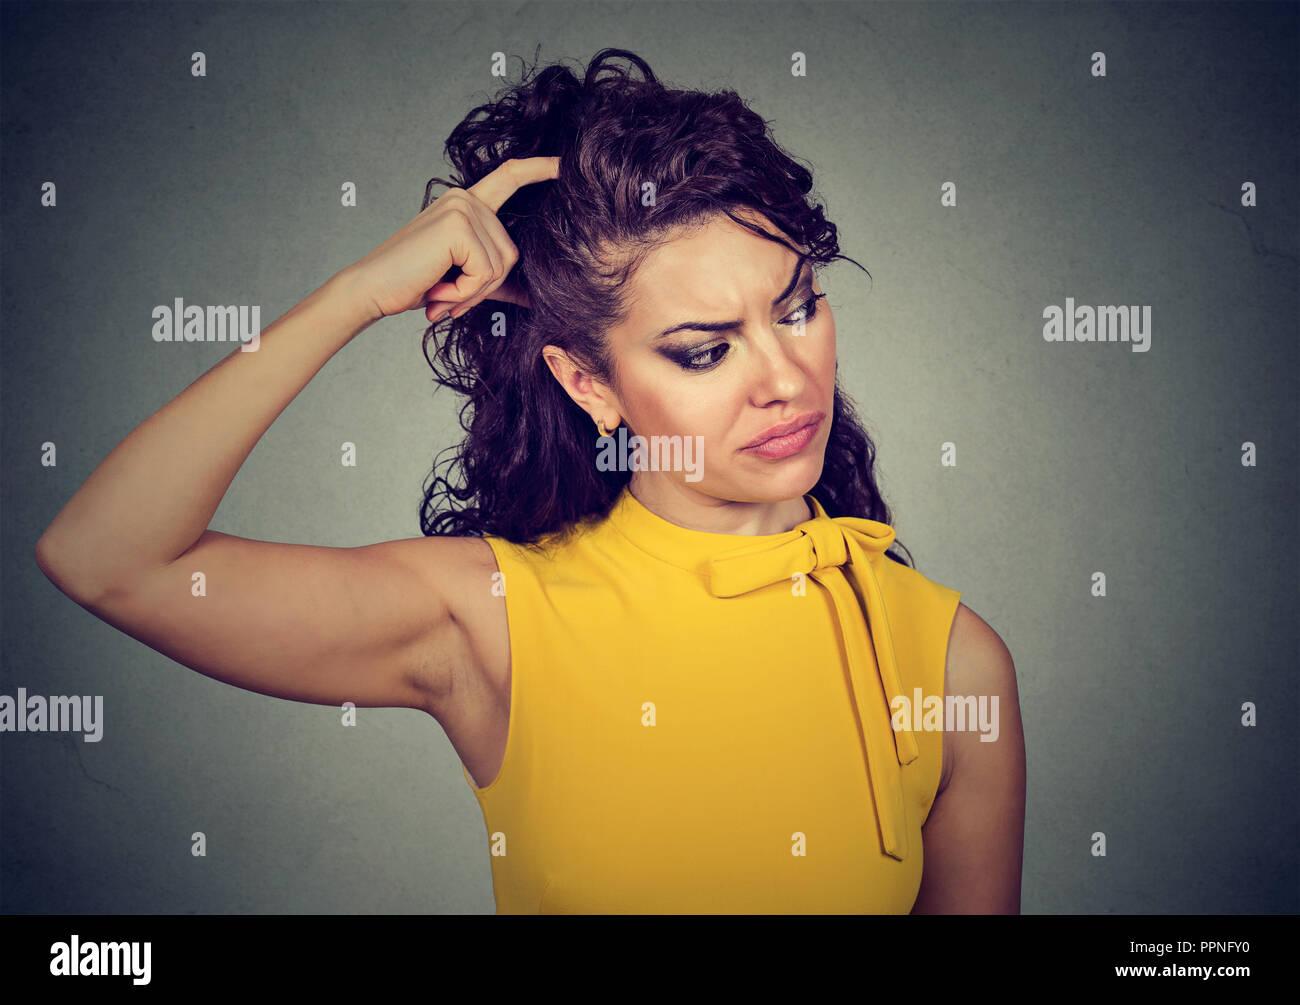 Giovani perplesso brunette donna in abito giallo di graffiare in testa perplexion guardando lontano Immagini Stock